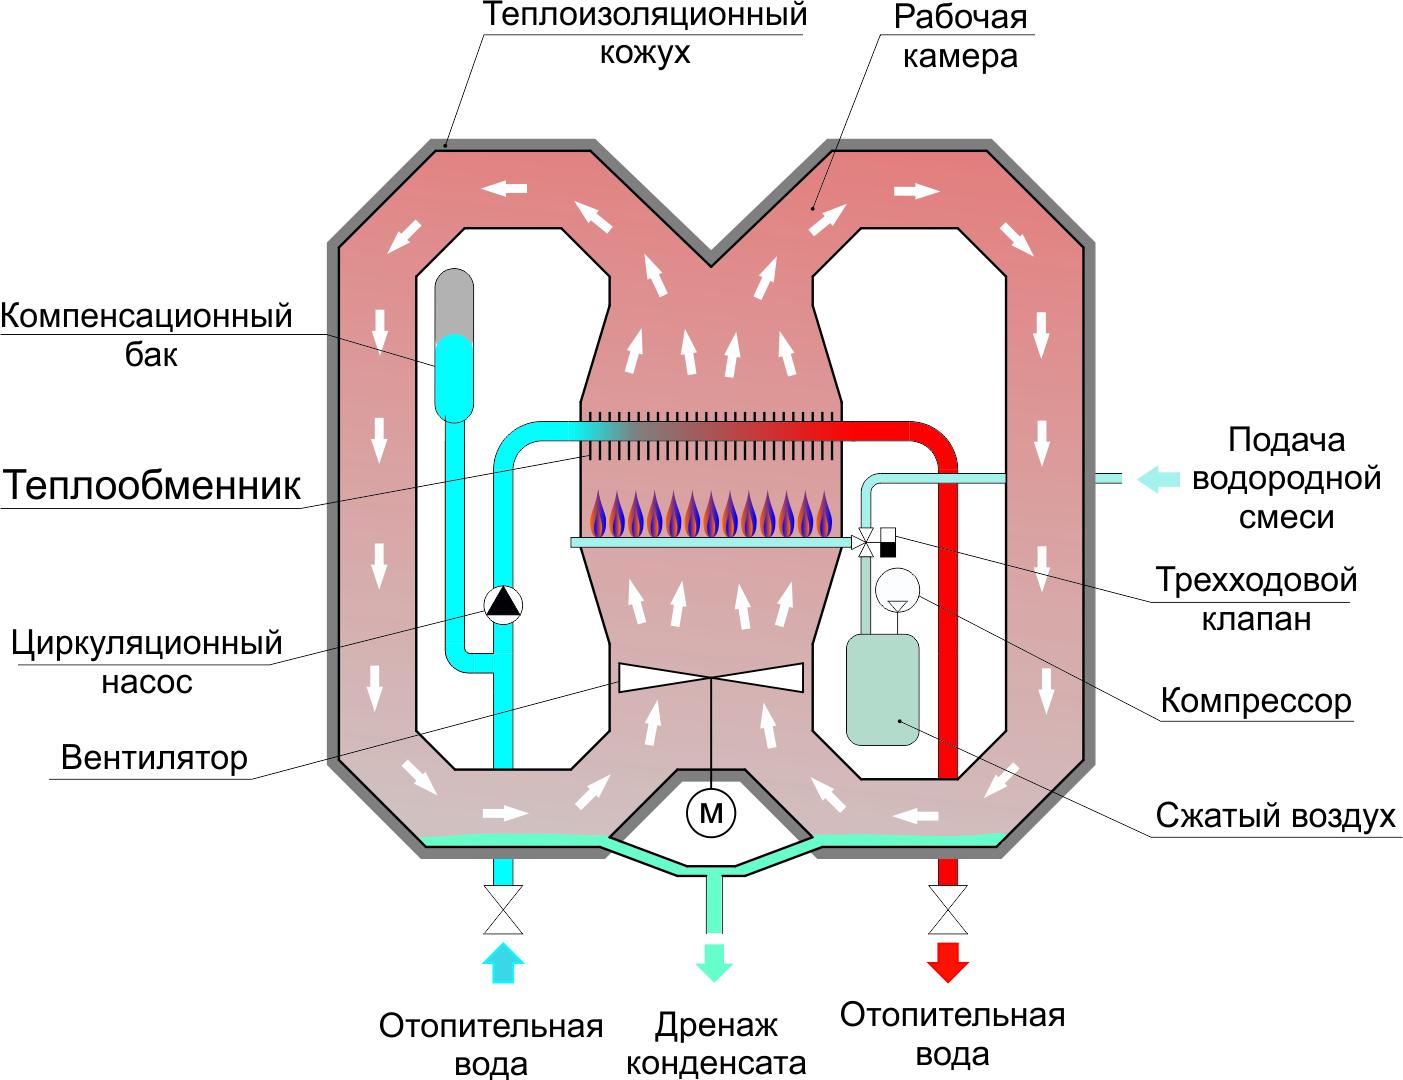 Водородный котел отопления: принцип работы, устройство. как сделать своими руками